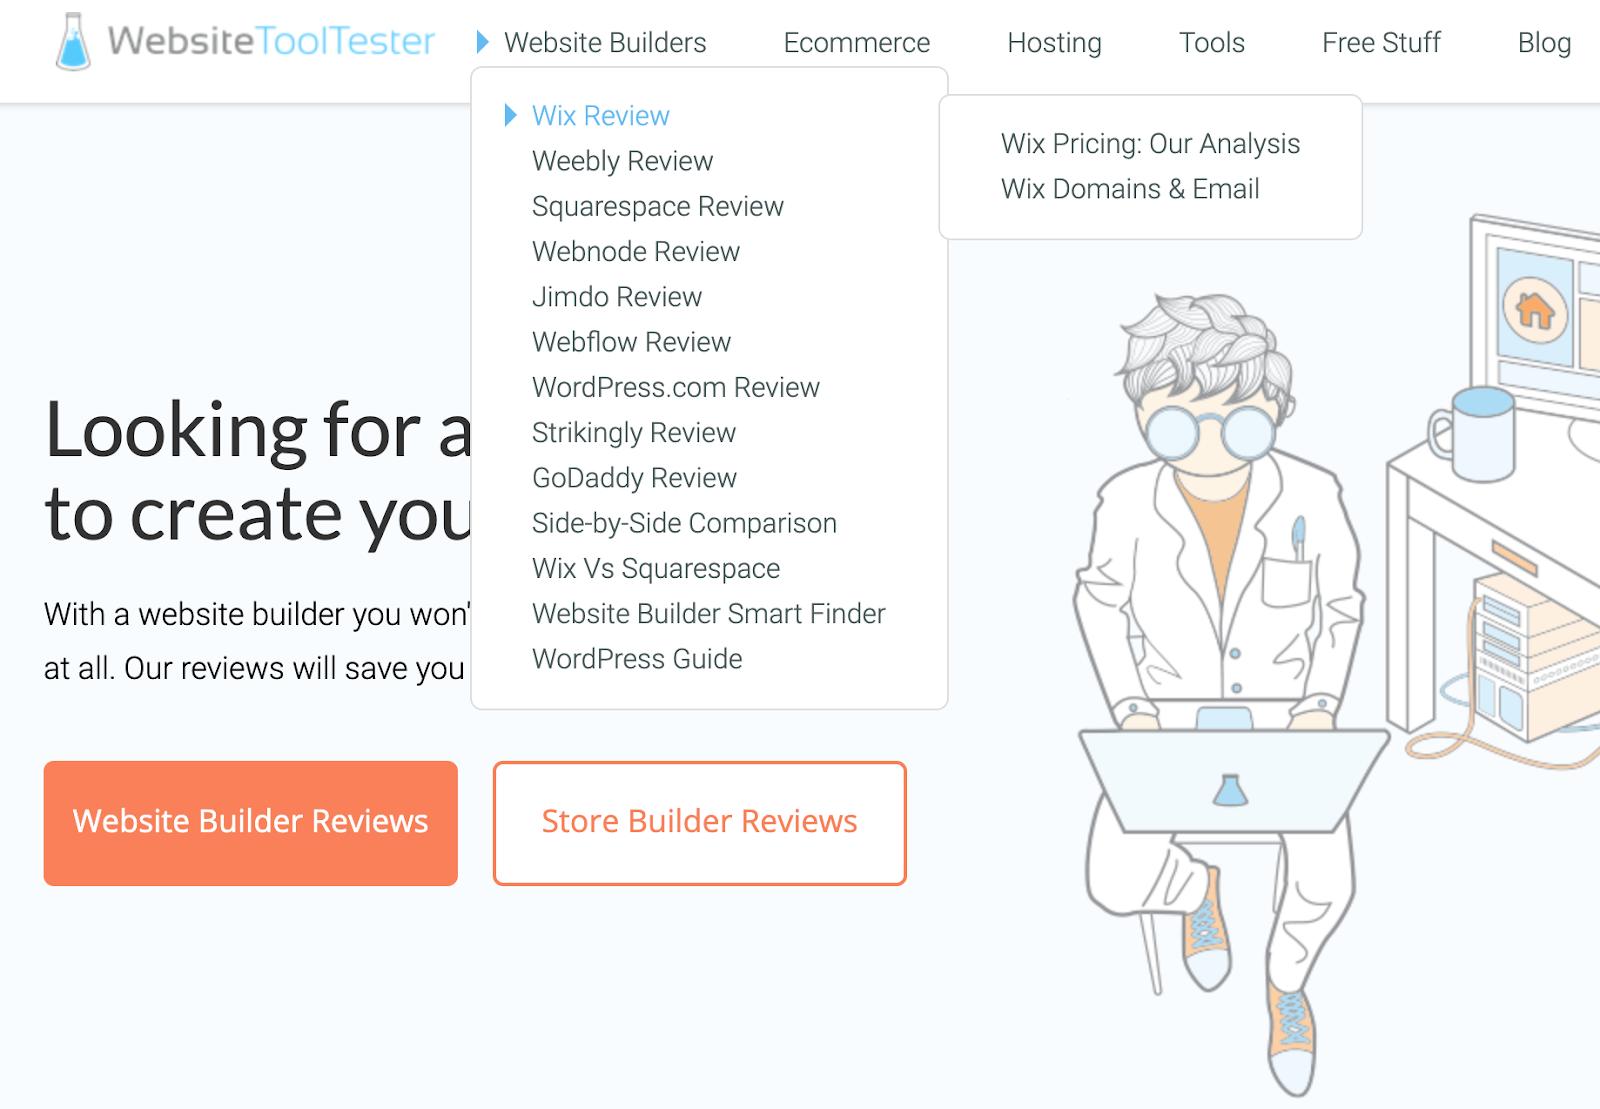 list of website builder reviews on websitetooltester's homepage